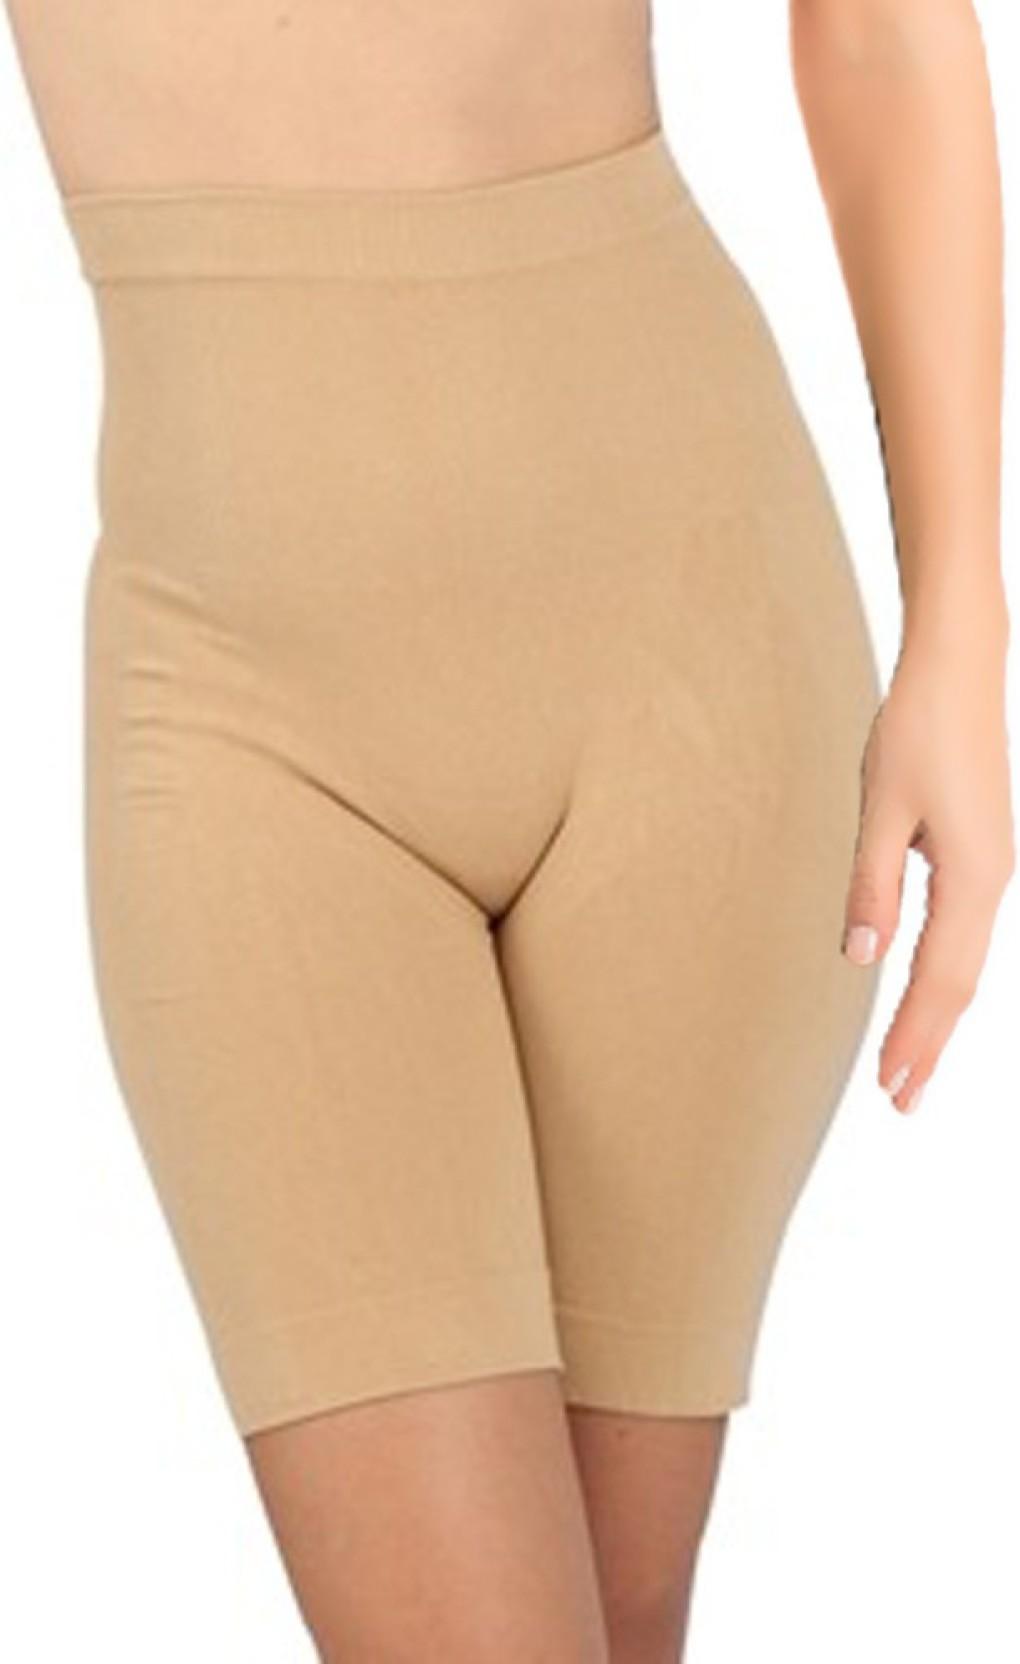 da58dae53 Slim N Lift Women s Shapewear - Buy Beige Slim N Lift Women s ...